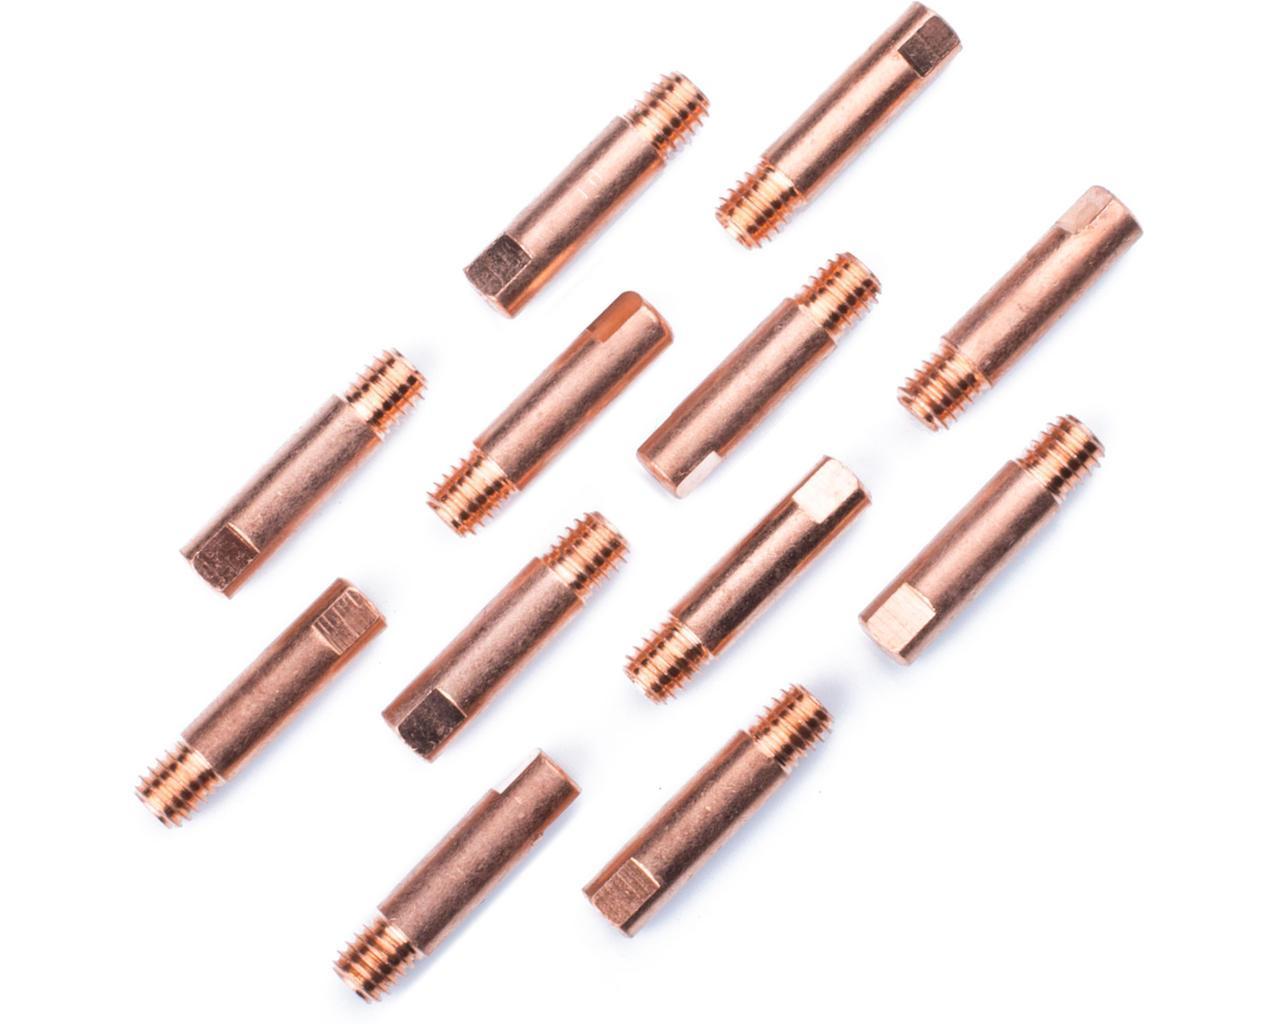 Наконечник токосъёмный 1,2 мм E-Cu М6 D6мм/L25мм для горелки сварочного полуавтомата